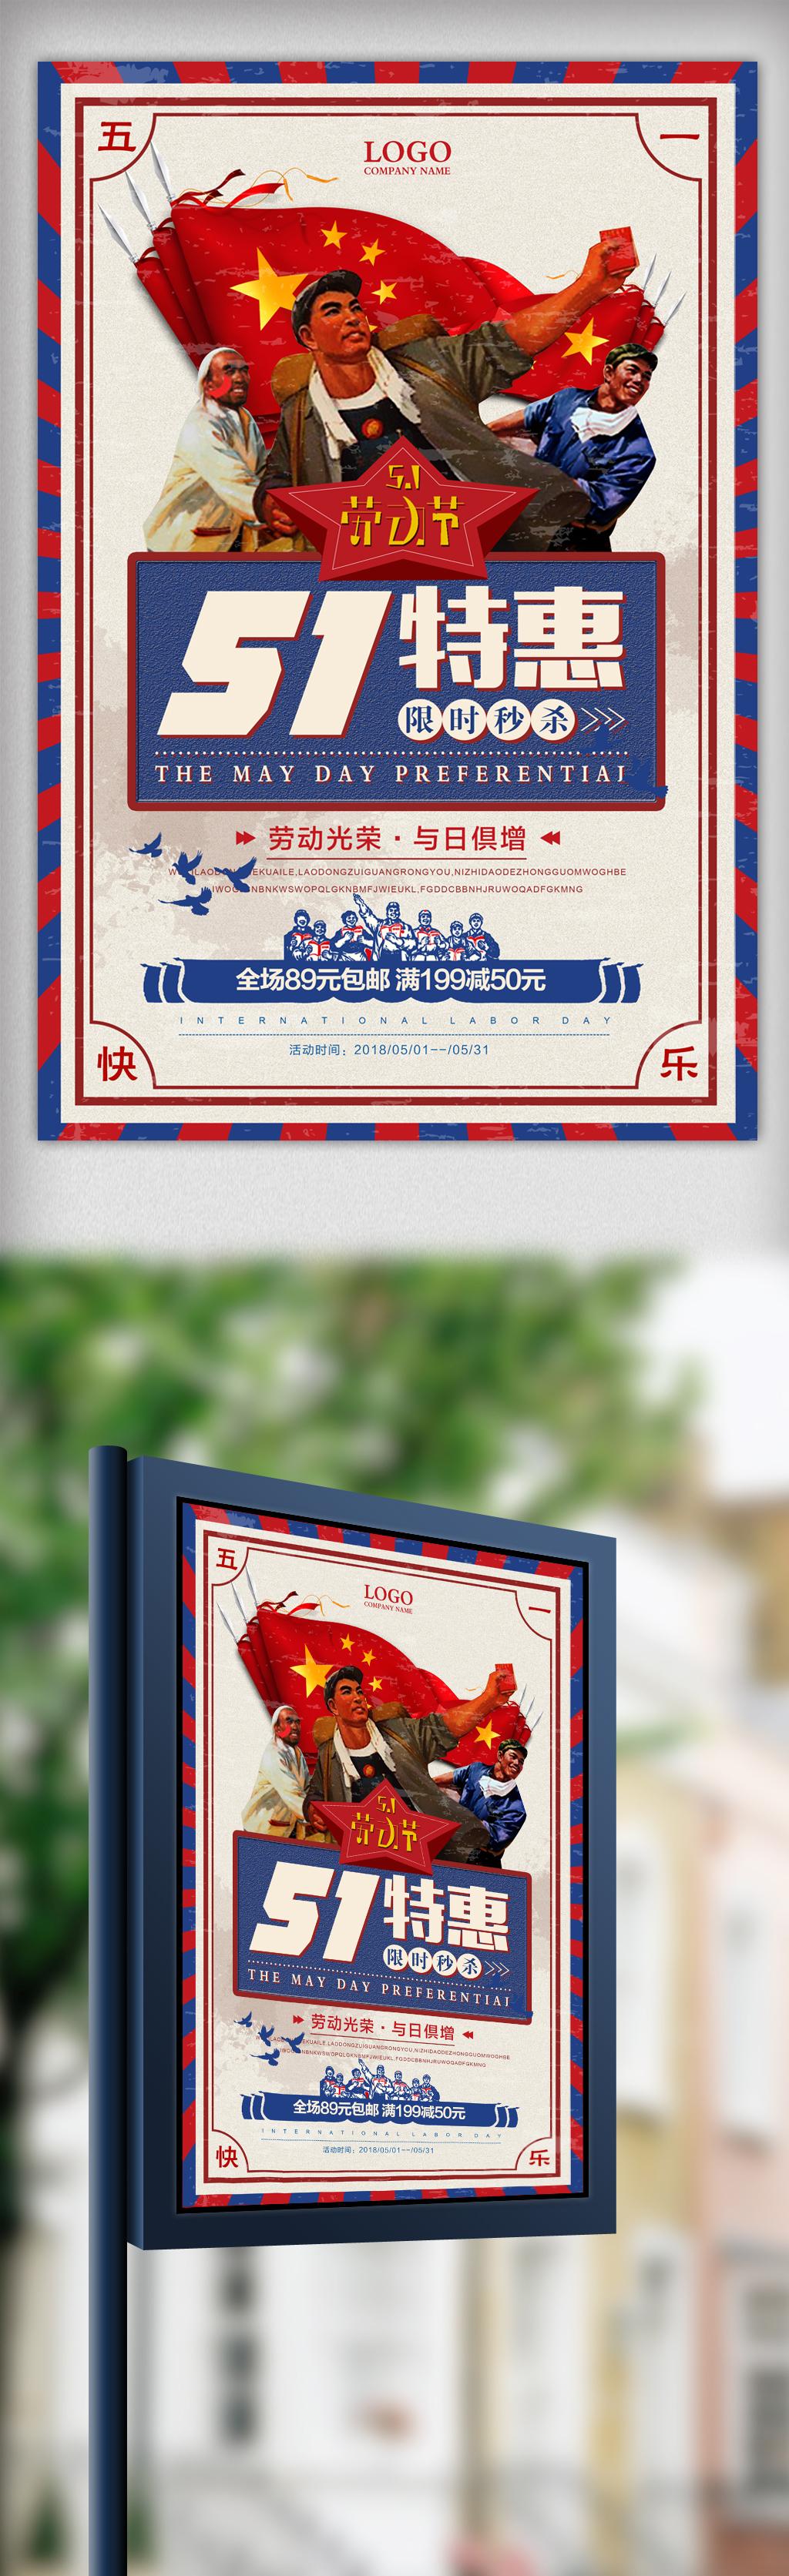 平面|广告设计 海报设计 pop海报 > 五一特惠商场促销海报设计   图片